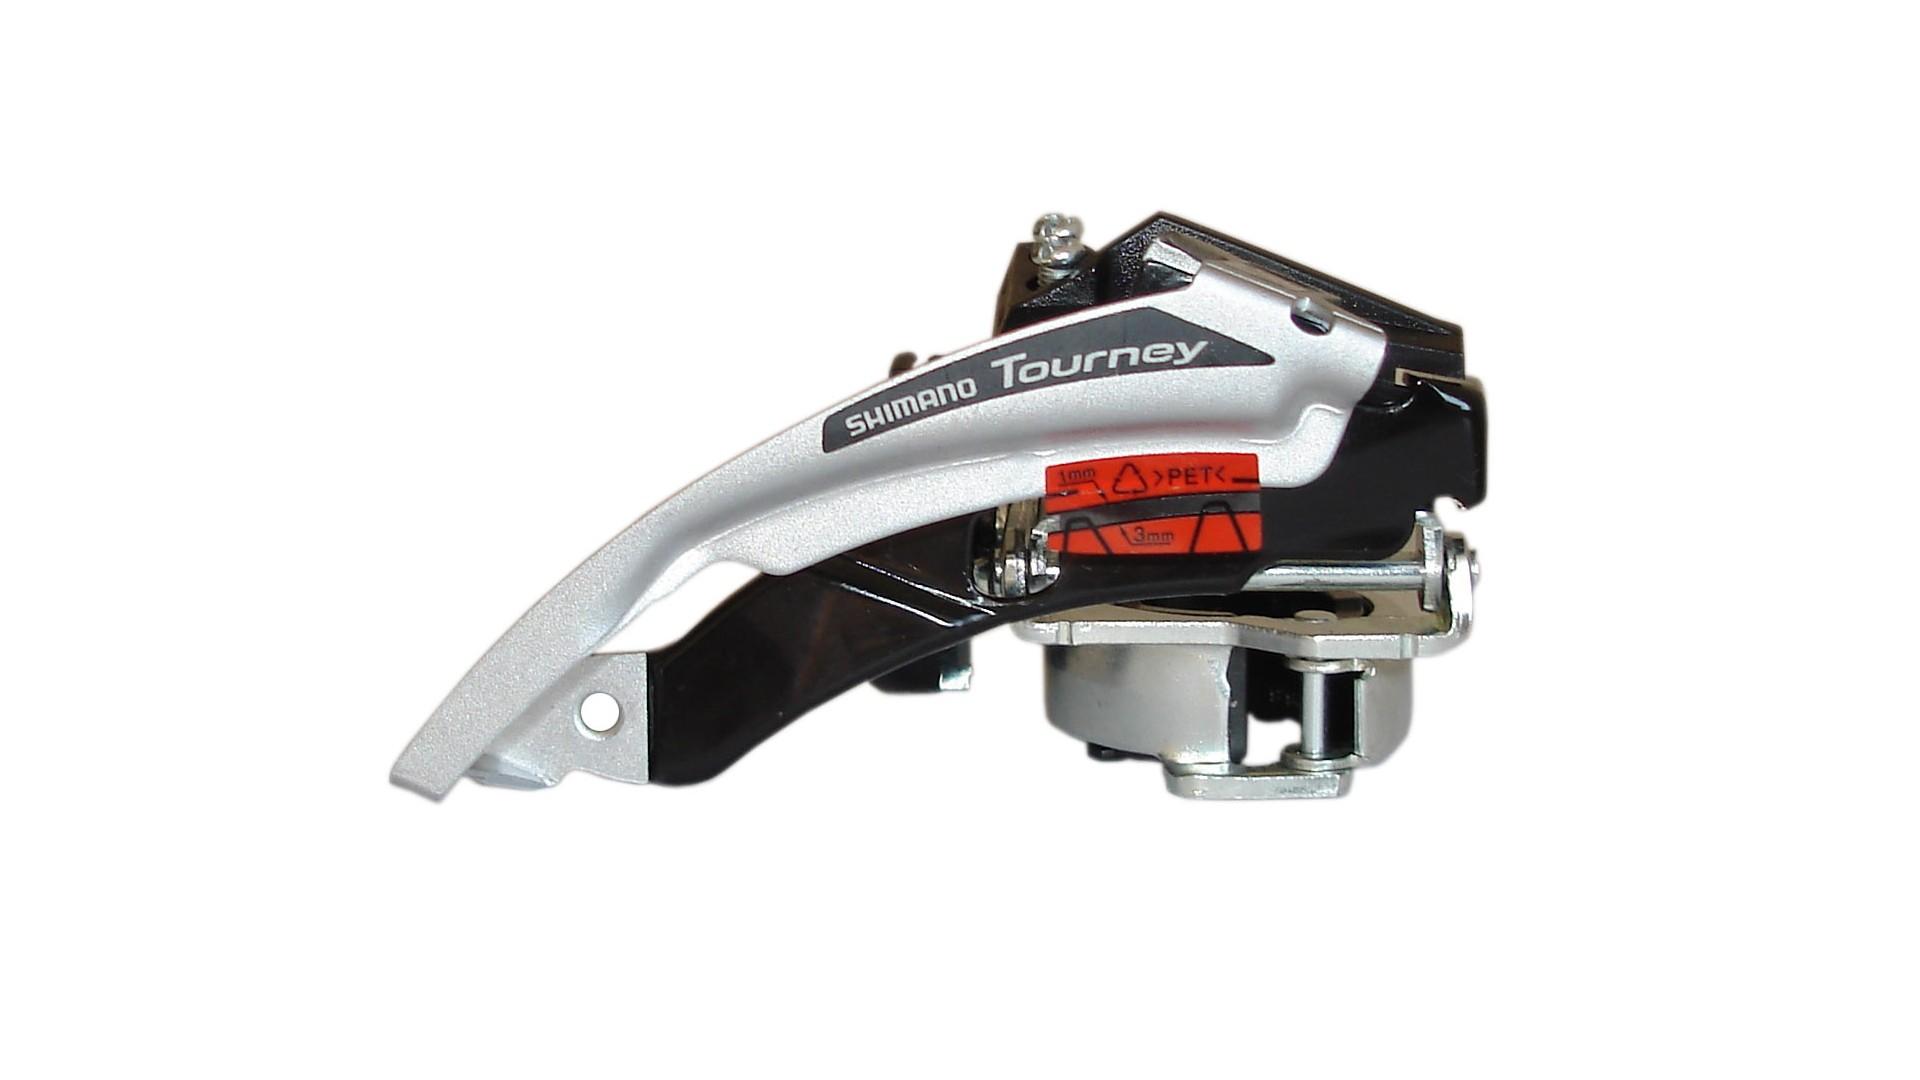 Переключатель передний Shimano FD-TX50 Tourney, 42T, 34.9/28.6мм